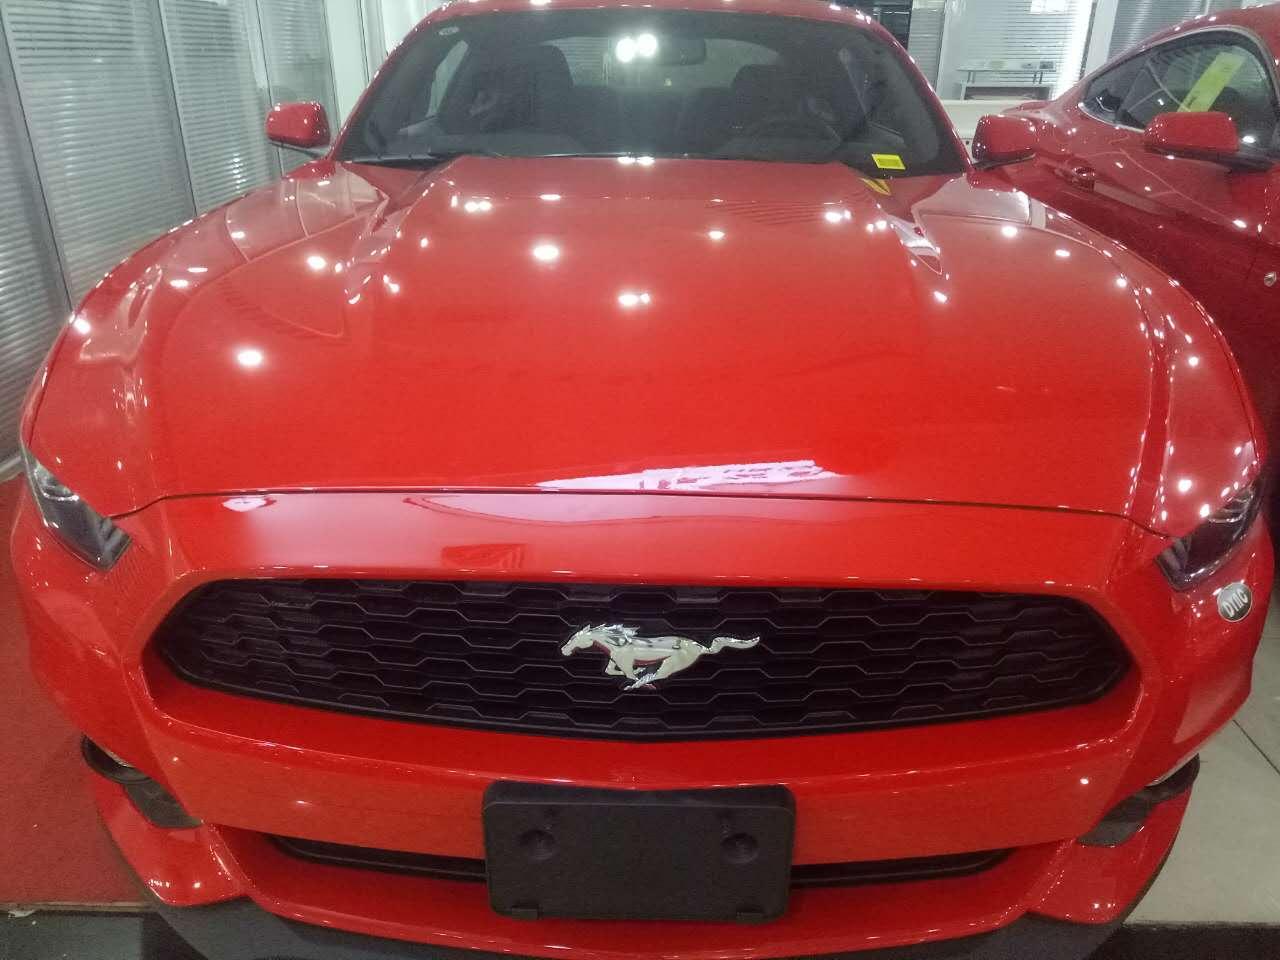 获悉,目前该新款福特野马有大量促销现车在售,新款福特野马颜色高清图片